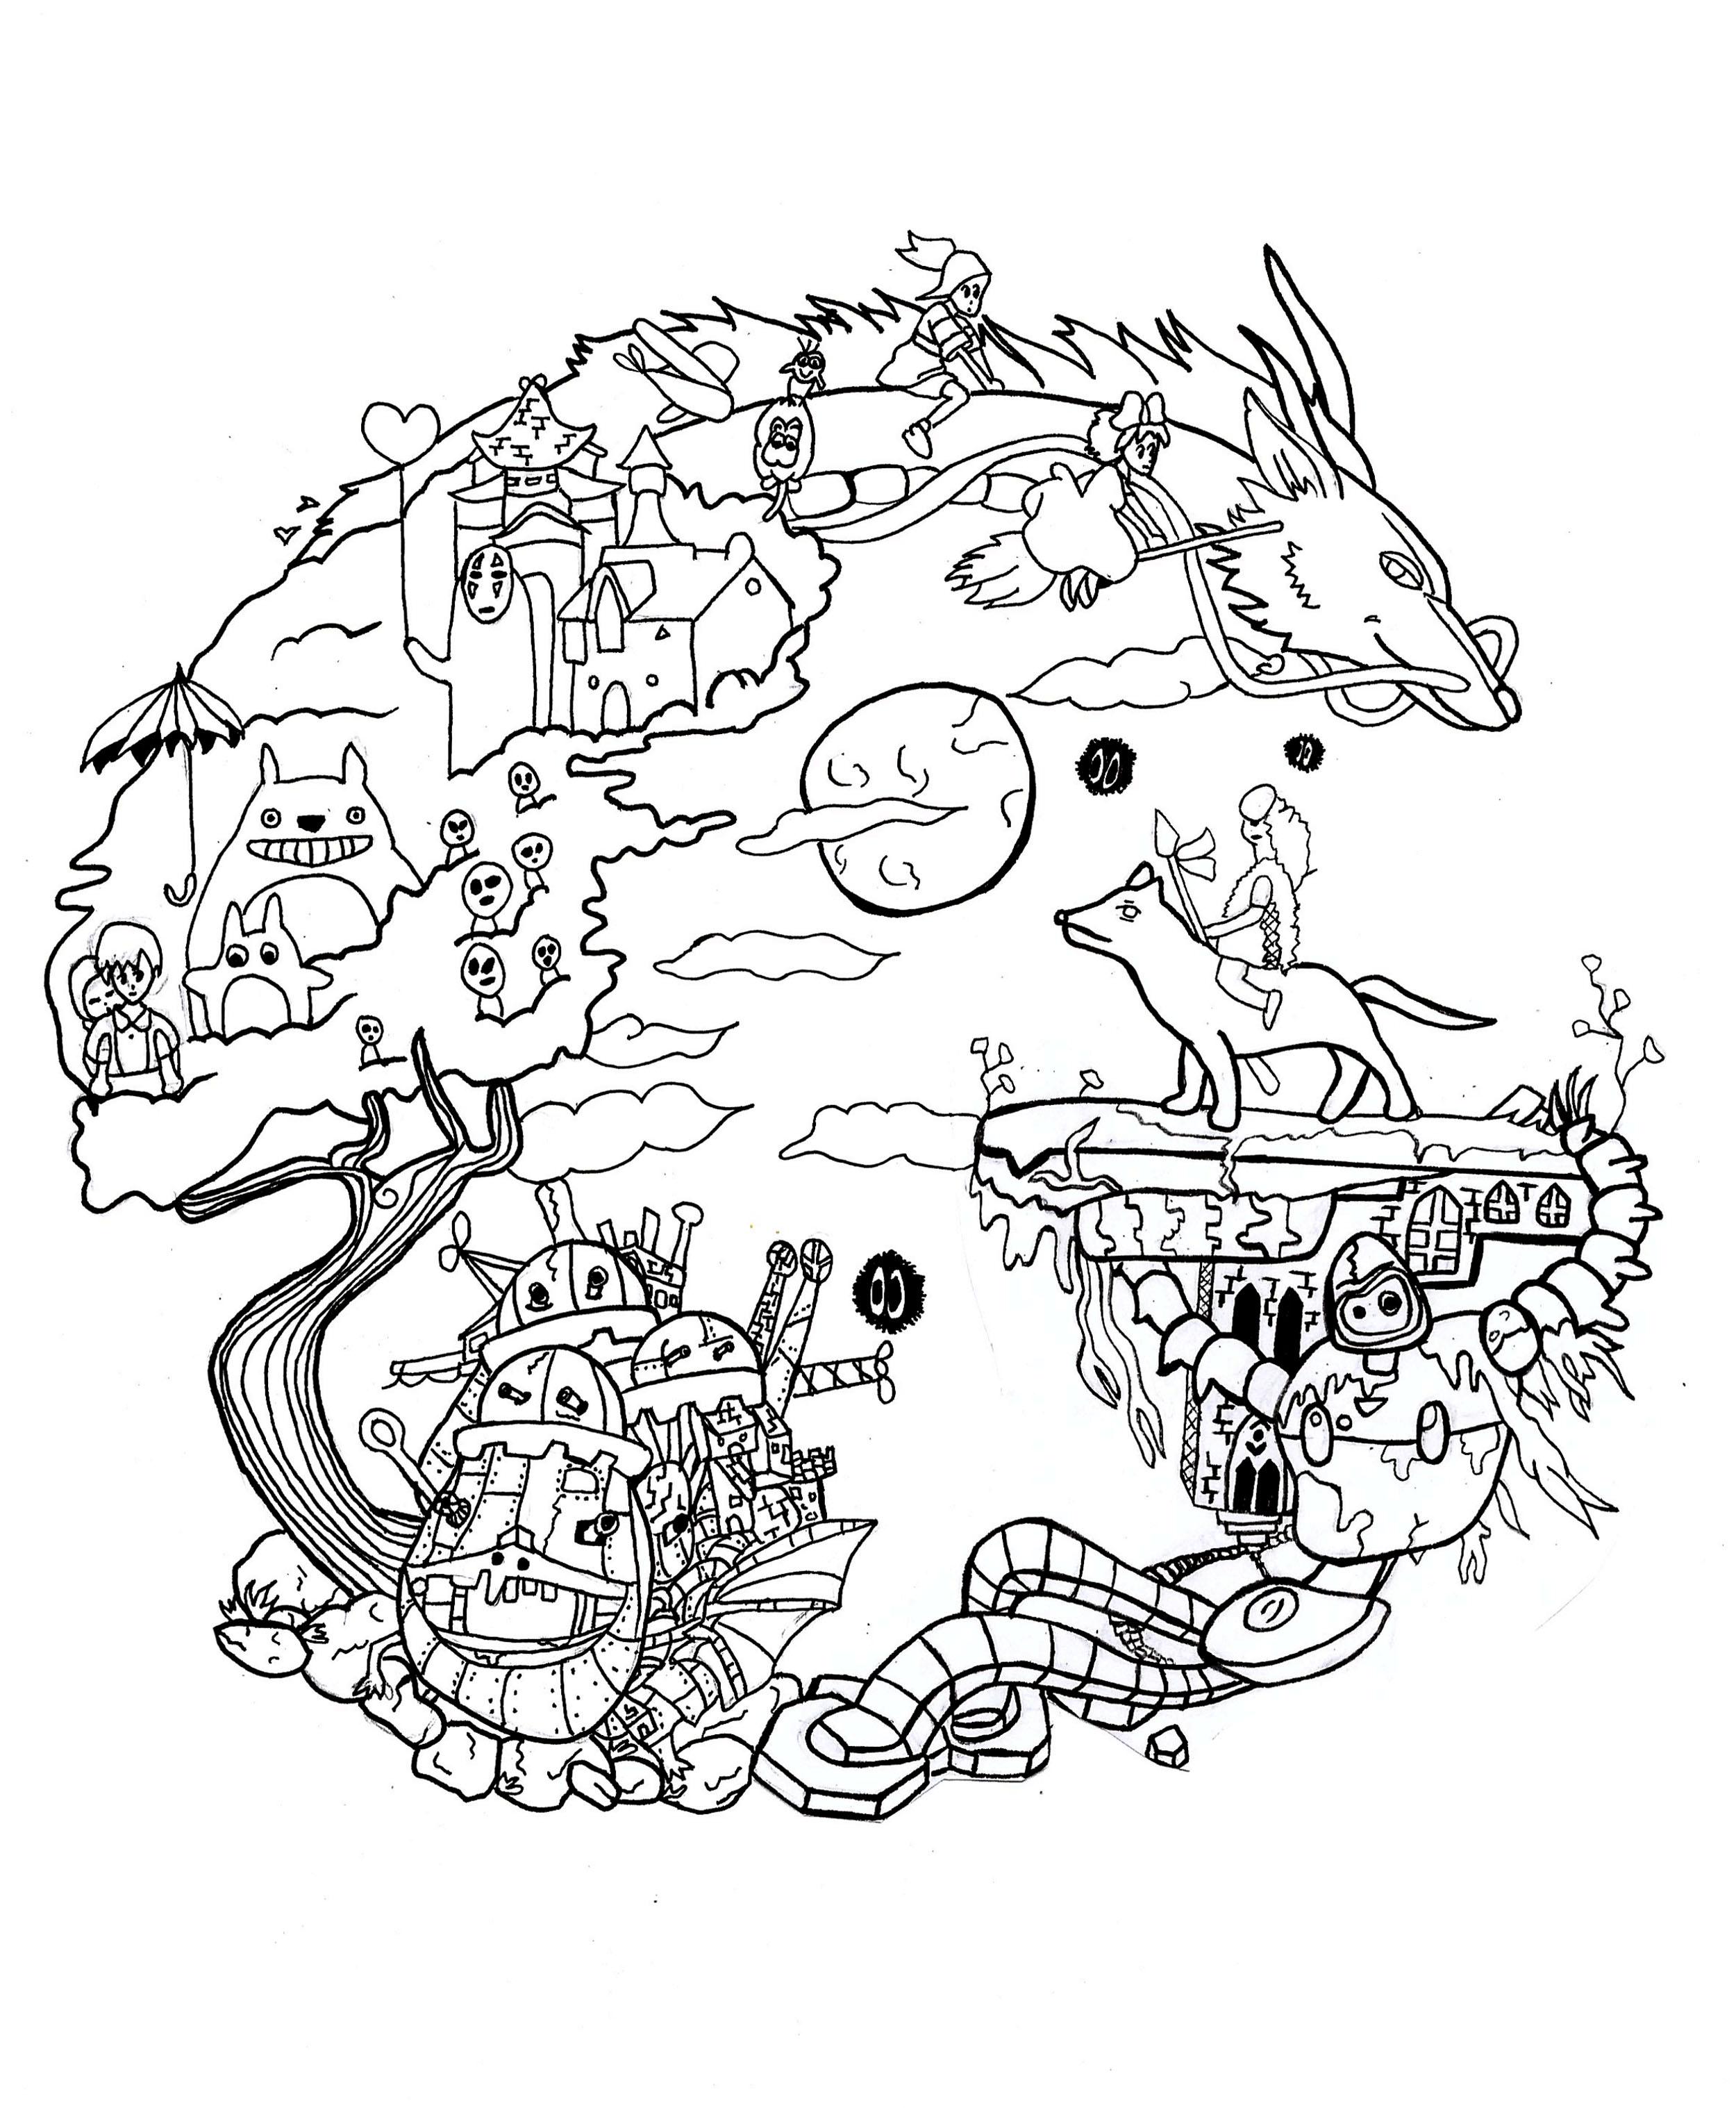 Kawaii Chibi Coloring Pages Cats